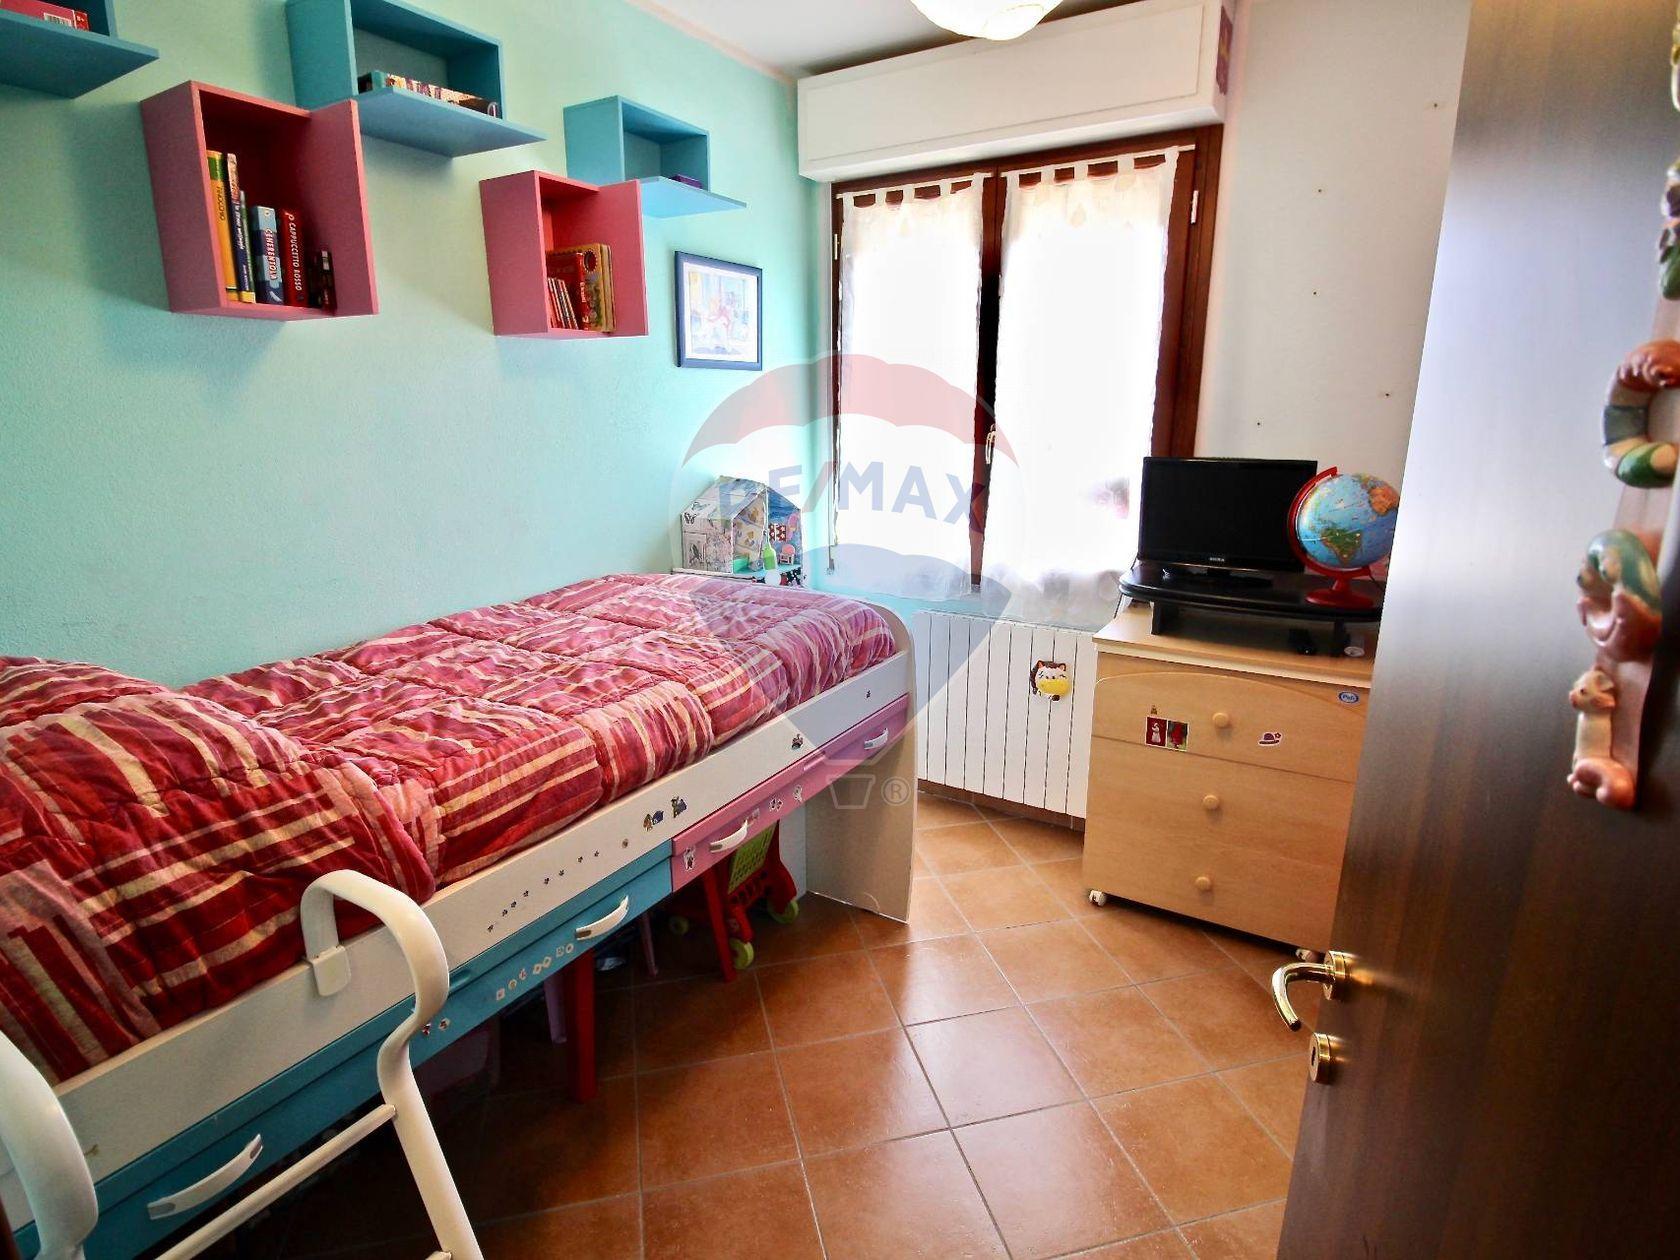 Appartamento Ss-sassari 2, Sassari, SS Vendita - Foto 12